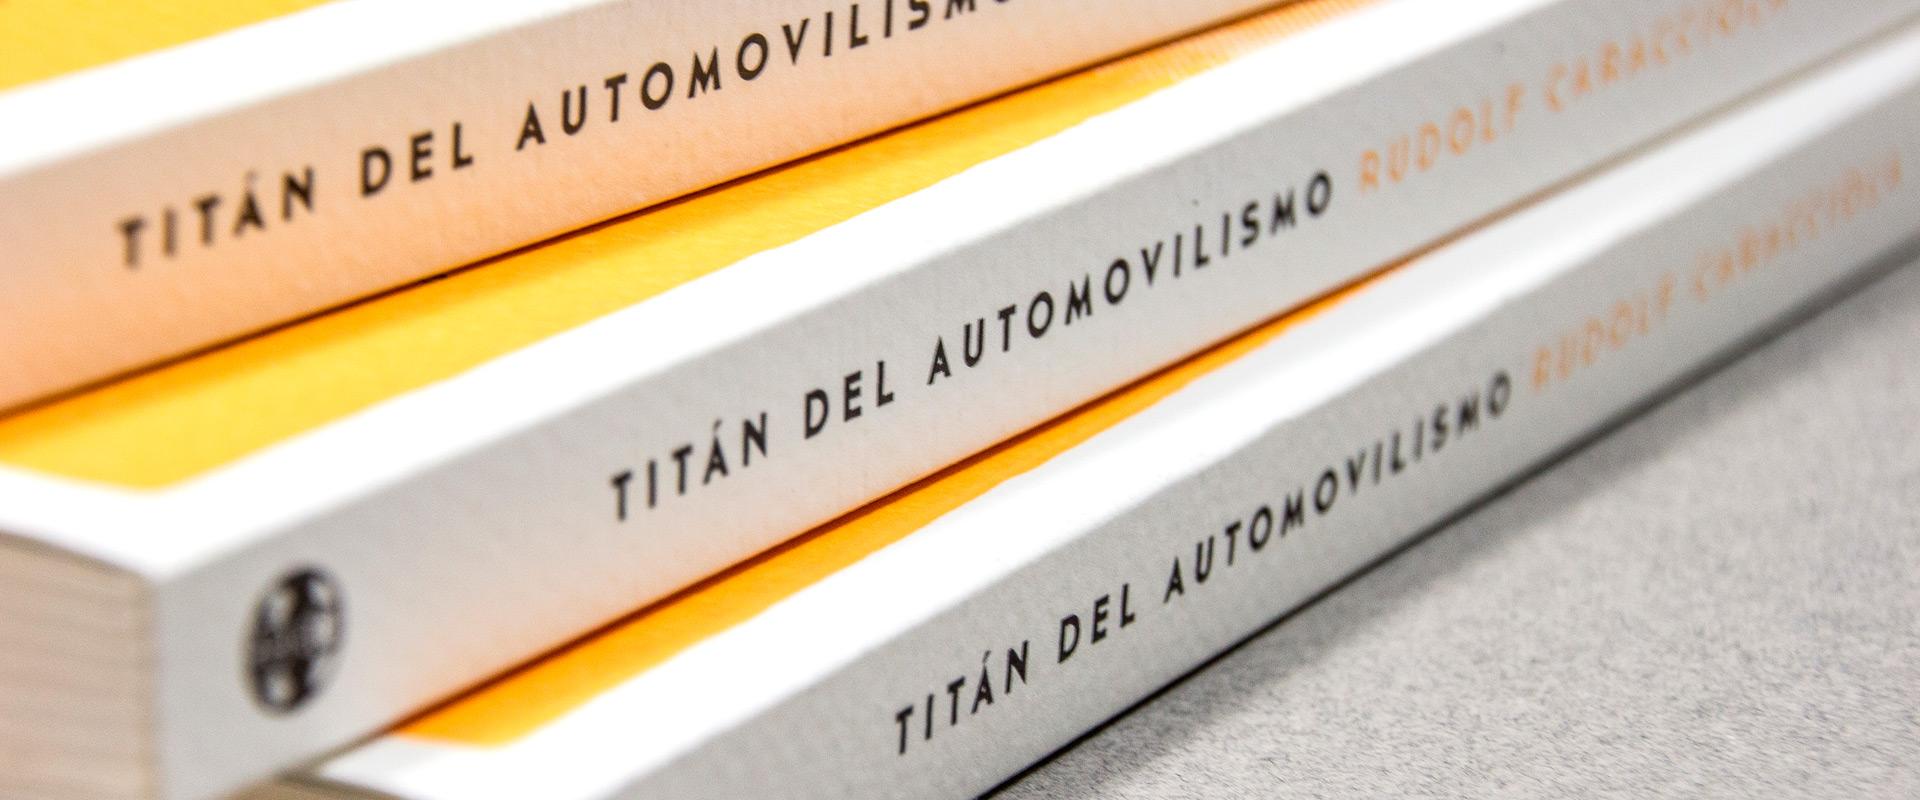 diseño de cubierta de libro Rudolf Caracciola img-total